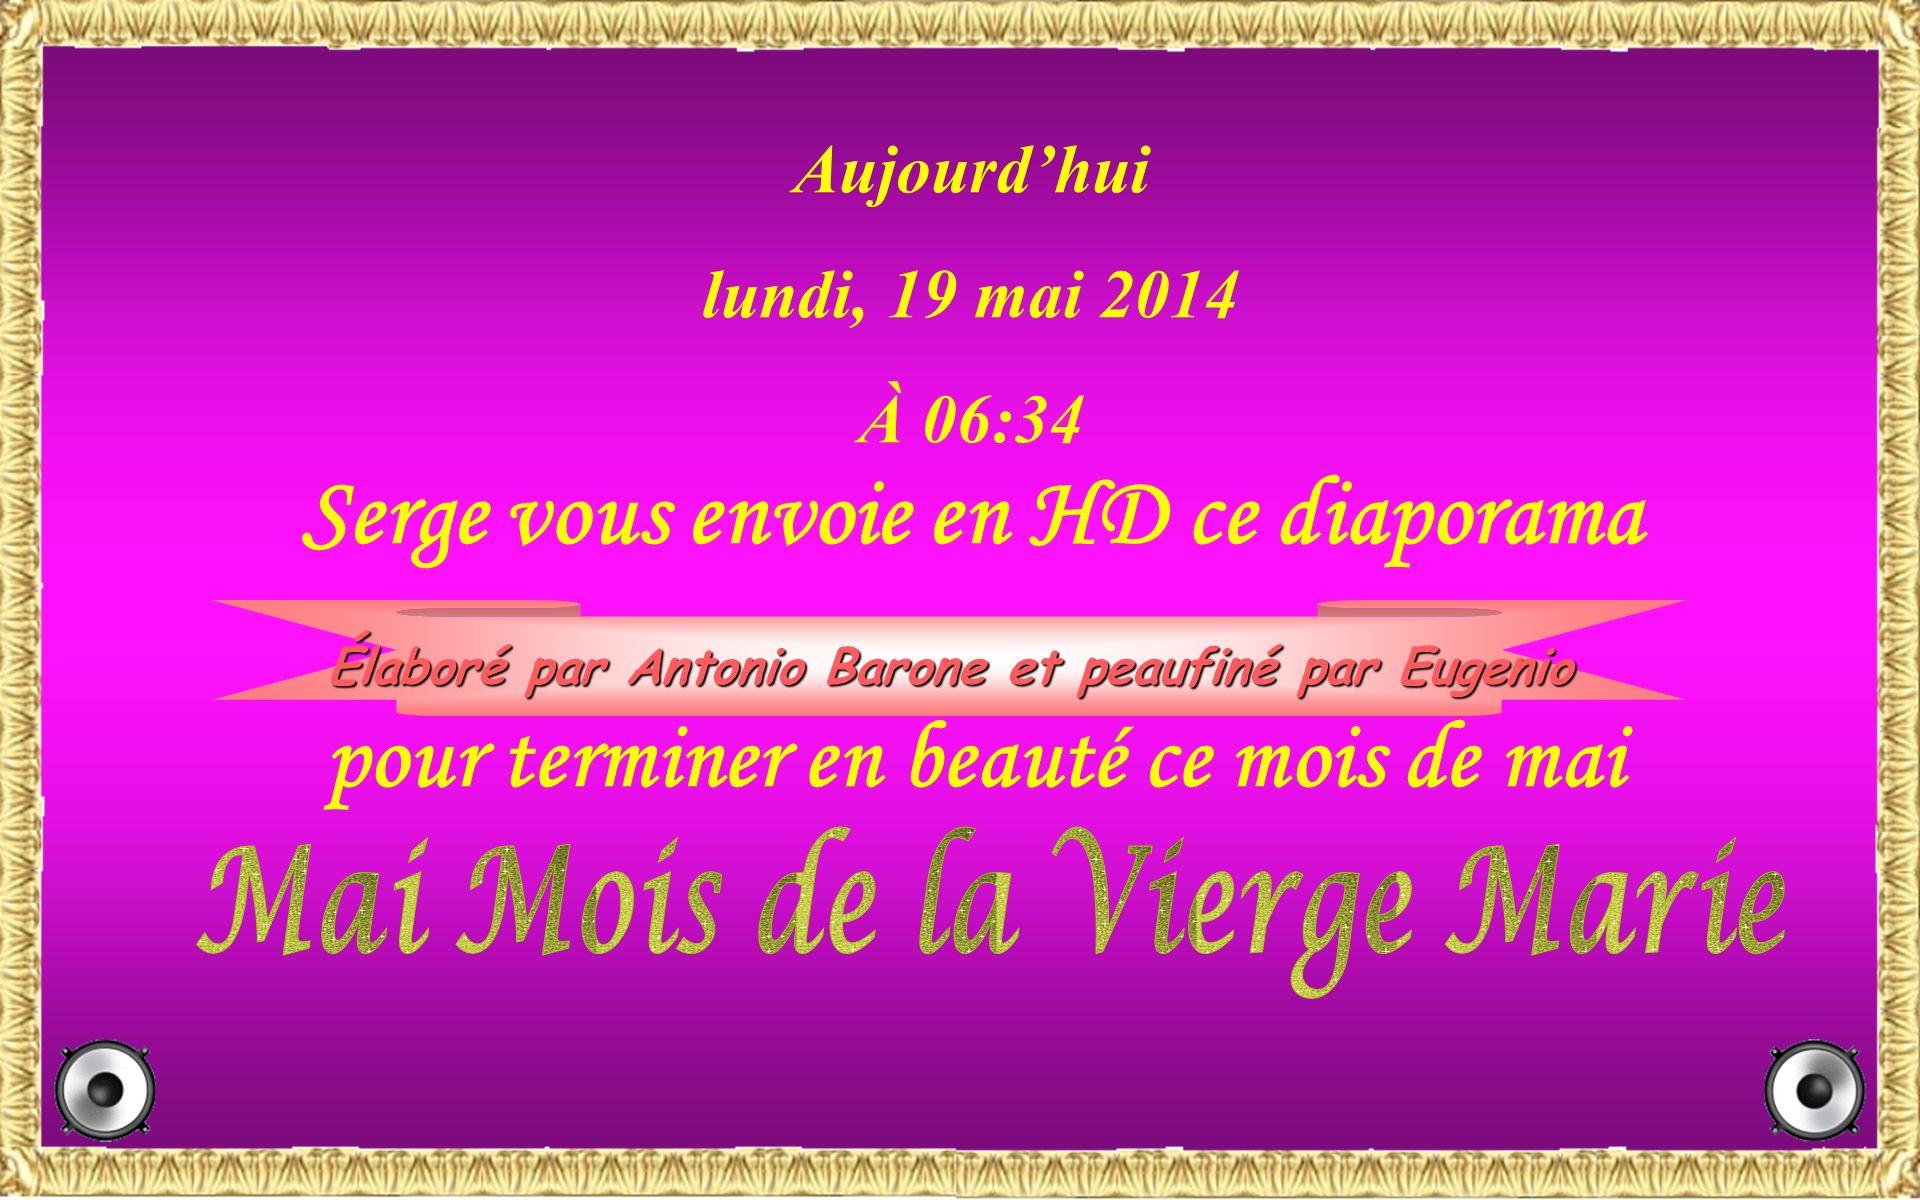 Aujourdhui lundi, 19 mai 2014 À 06:36 Serge vous envoie en HD ce diaporama Élaboré par Antonio Barone et peaufiné par Eugenio pour terminer en beauté ce mois de mai